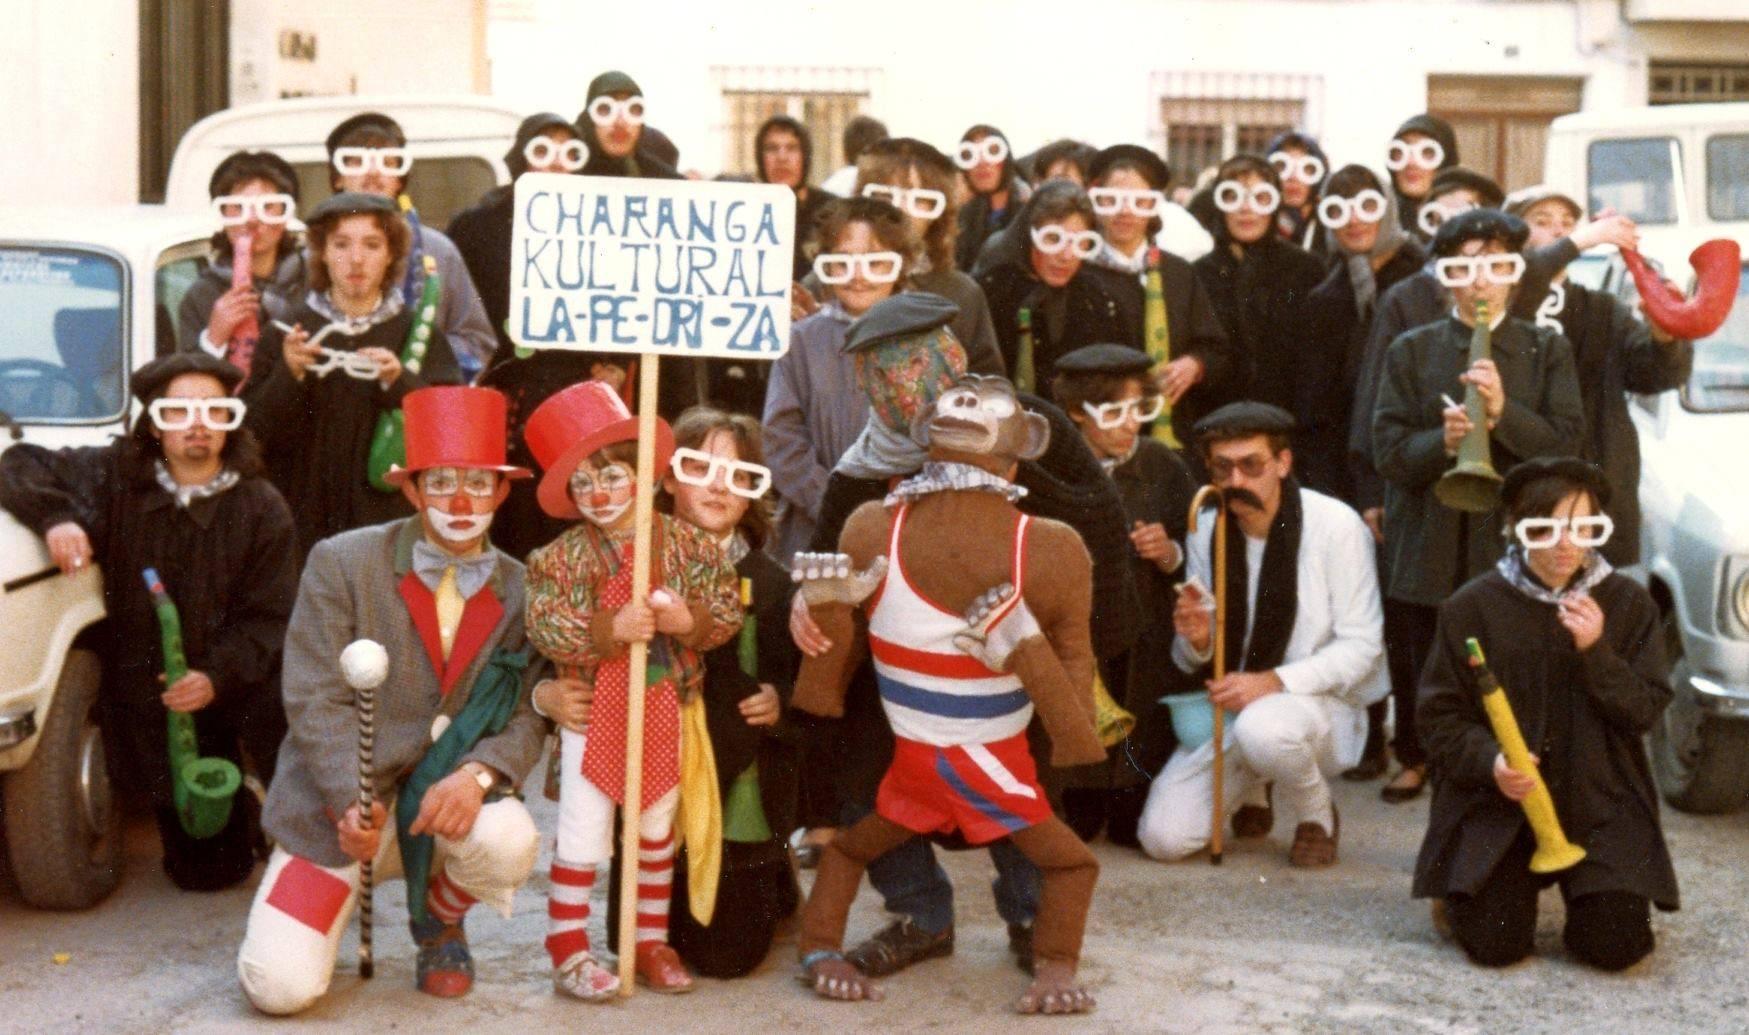 charanga la pedriza 1980 - Seguimos con la historia del Carnaval de Herencia a través de imágenes